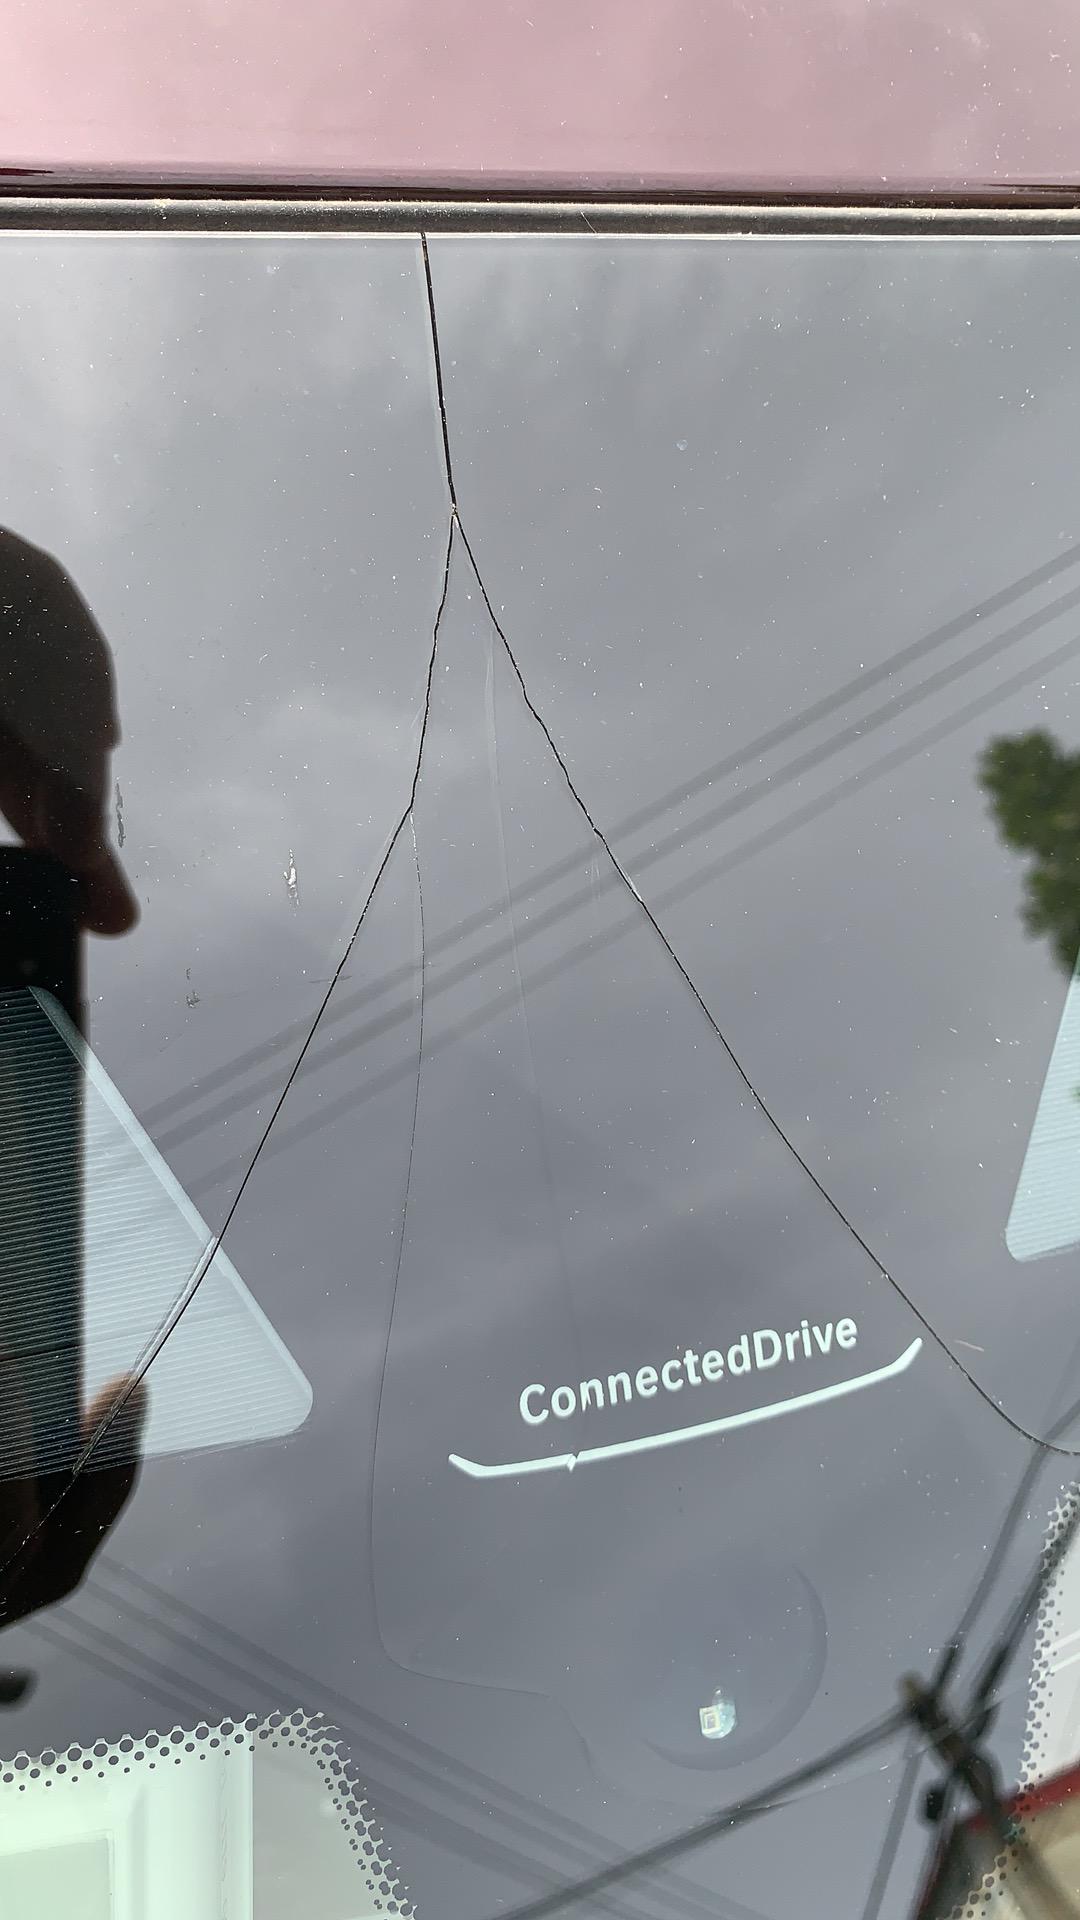 宝马-宝马6系GT 前挡风玻璃无任何外力自然开裂